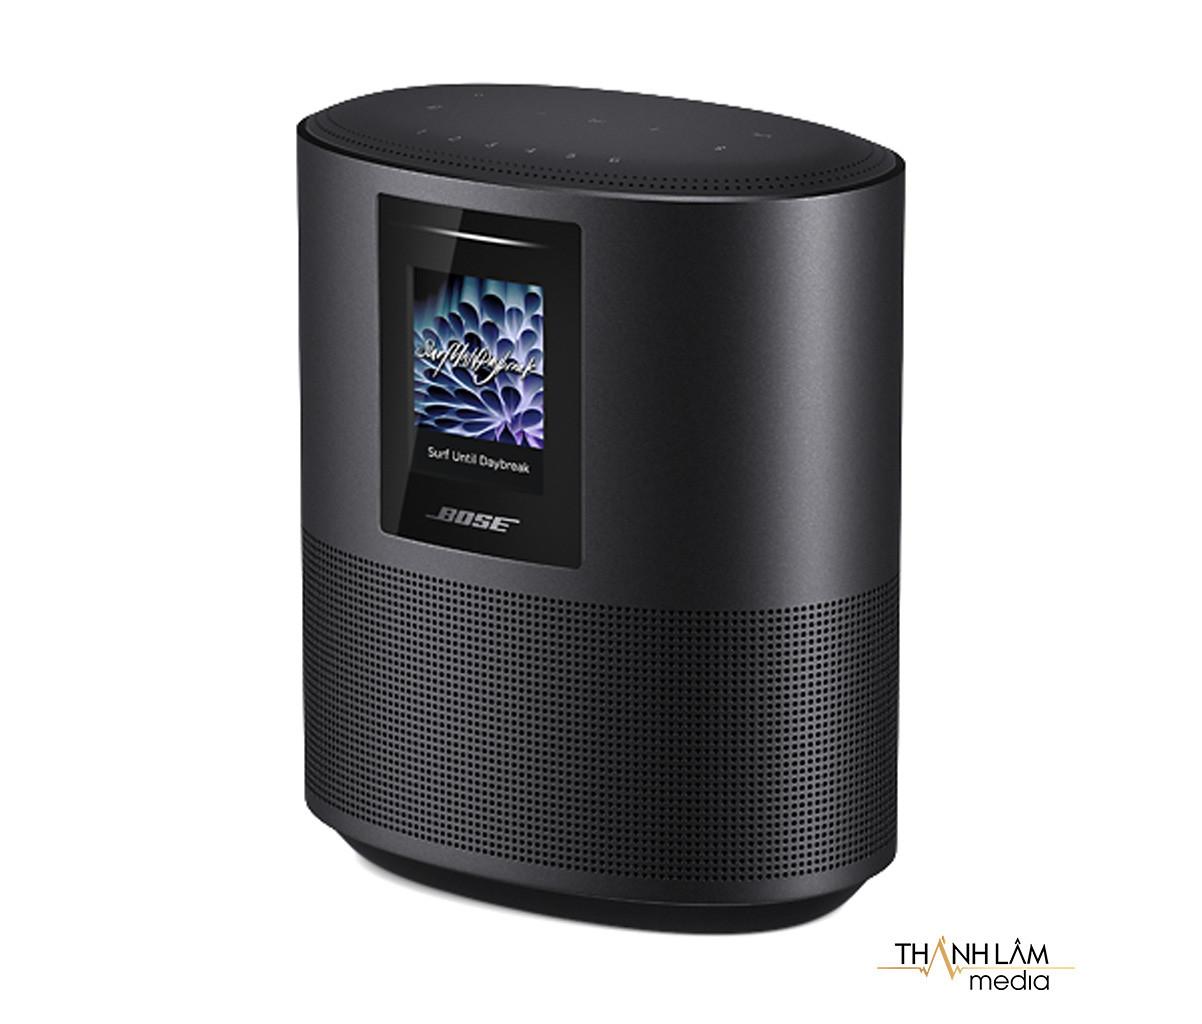 Loa Bose Home Speaker 500 Den 4